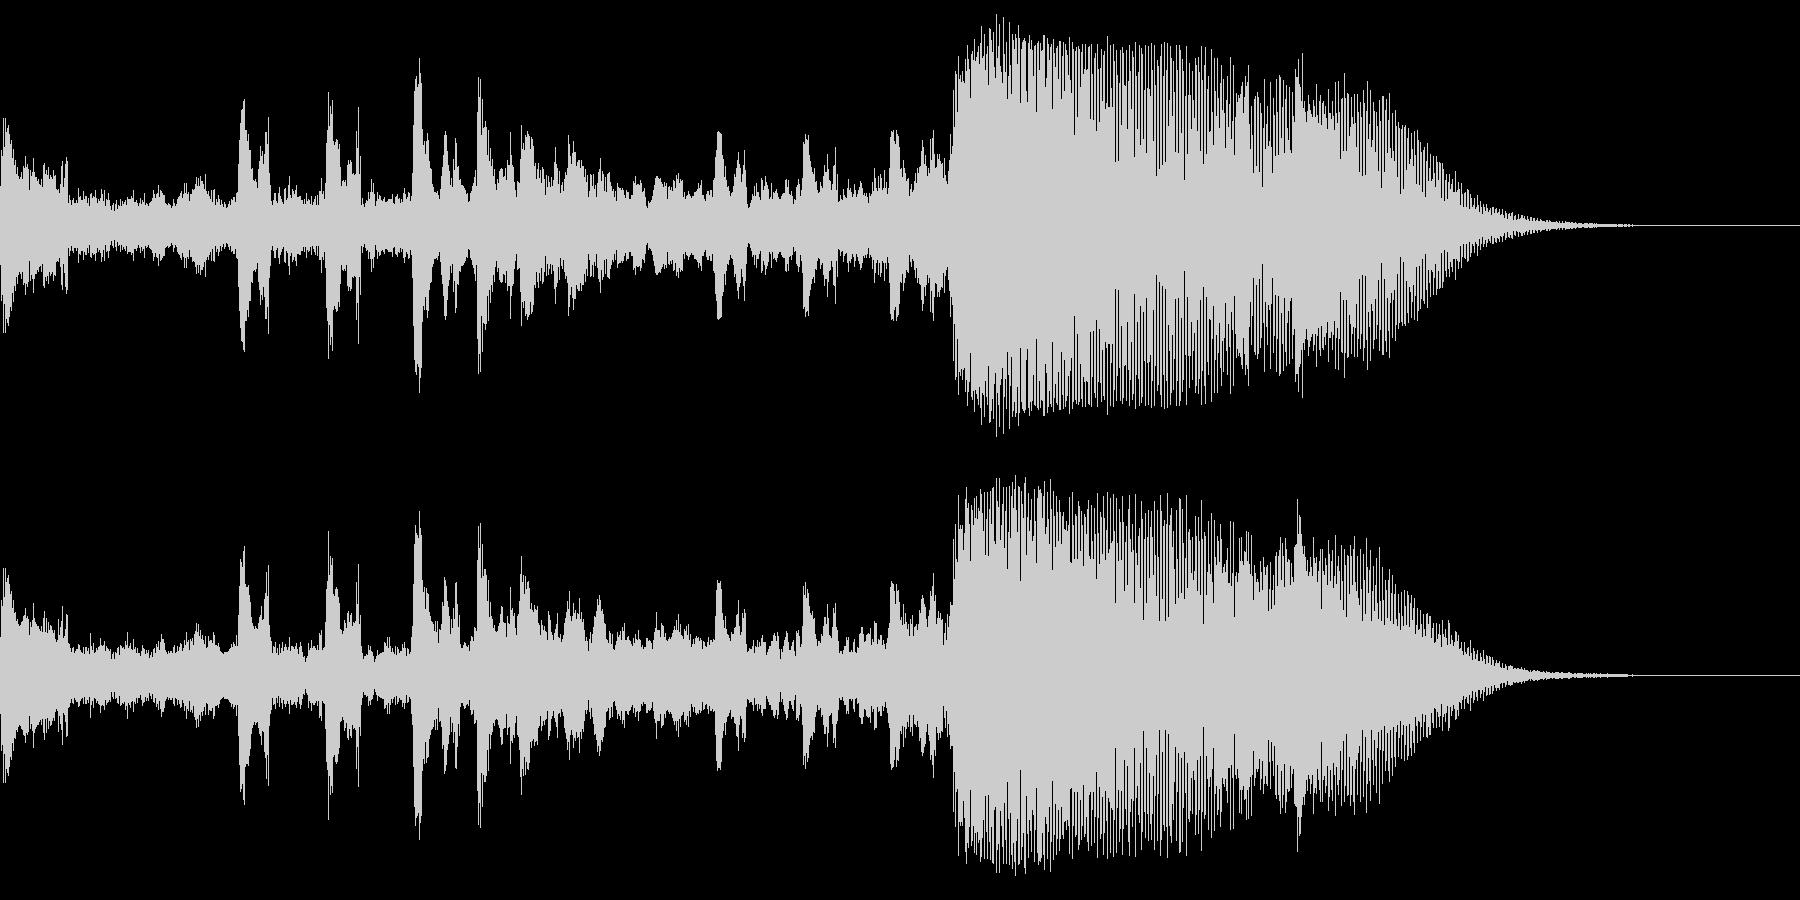 リズミカル〜重層に変化するサウンドロゴの未再生の波形